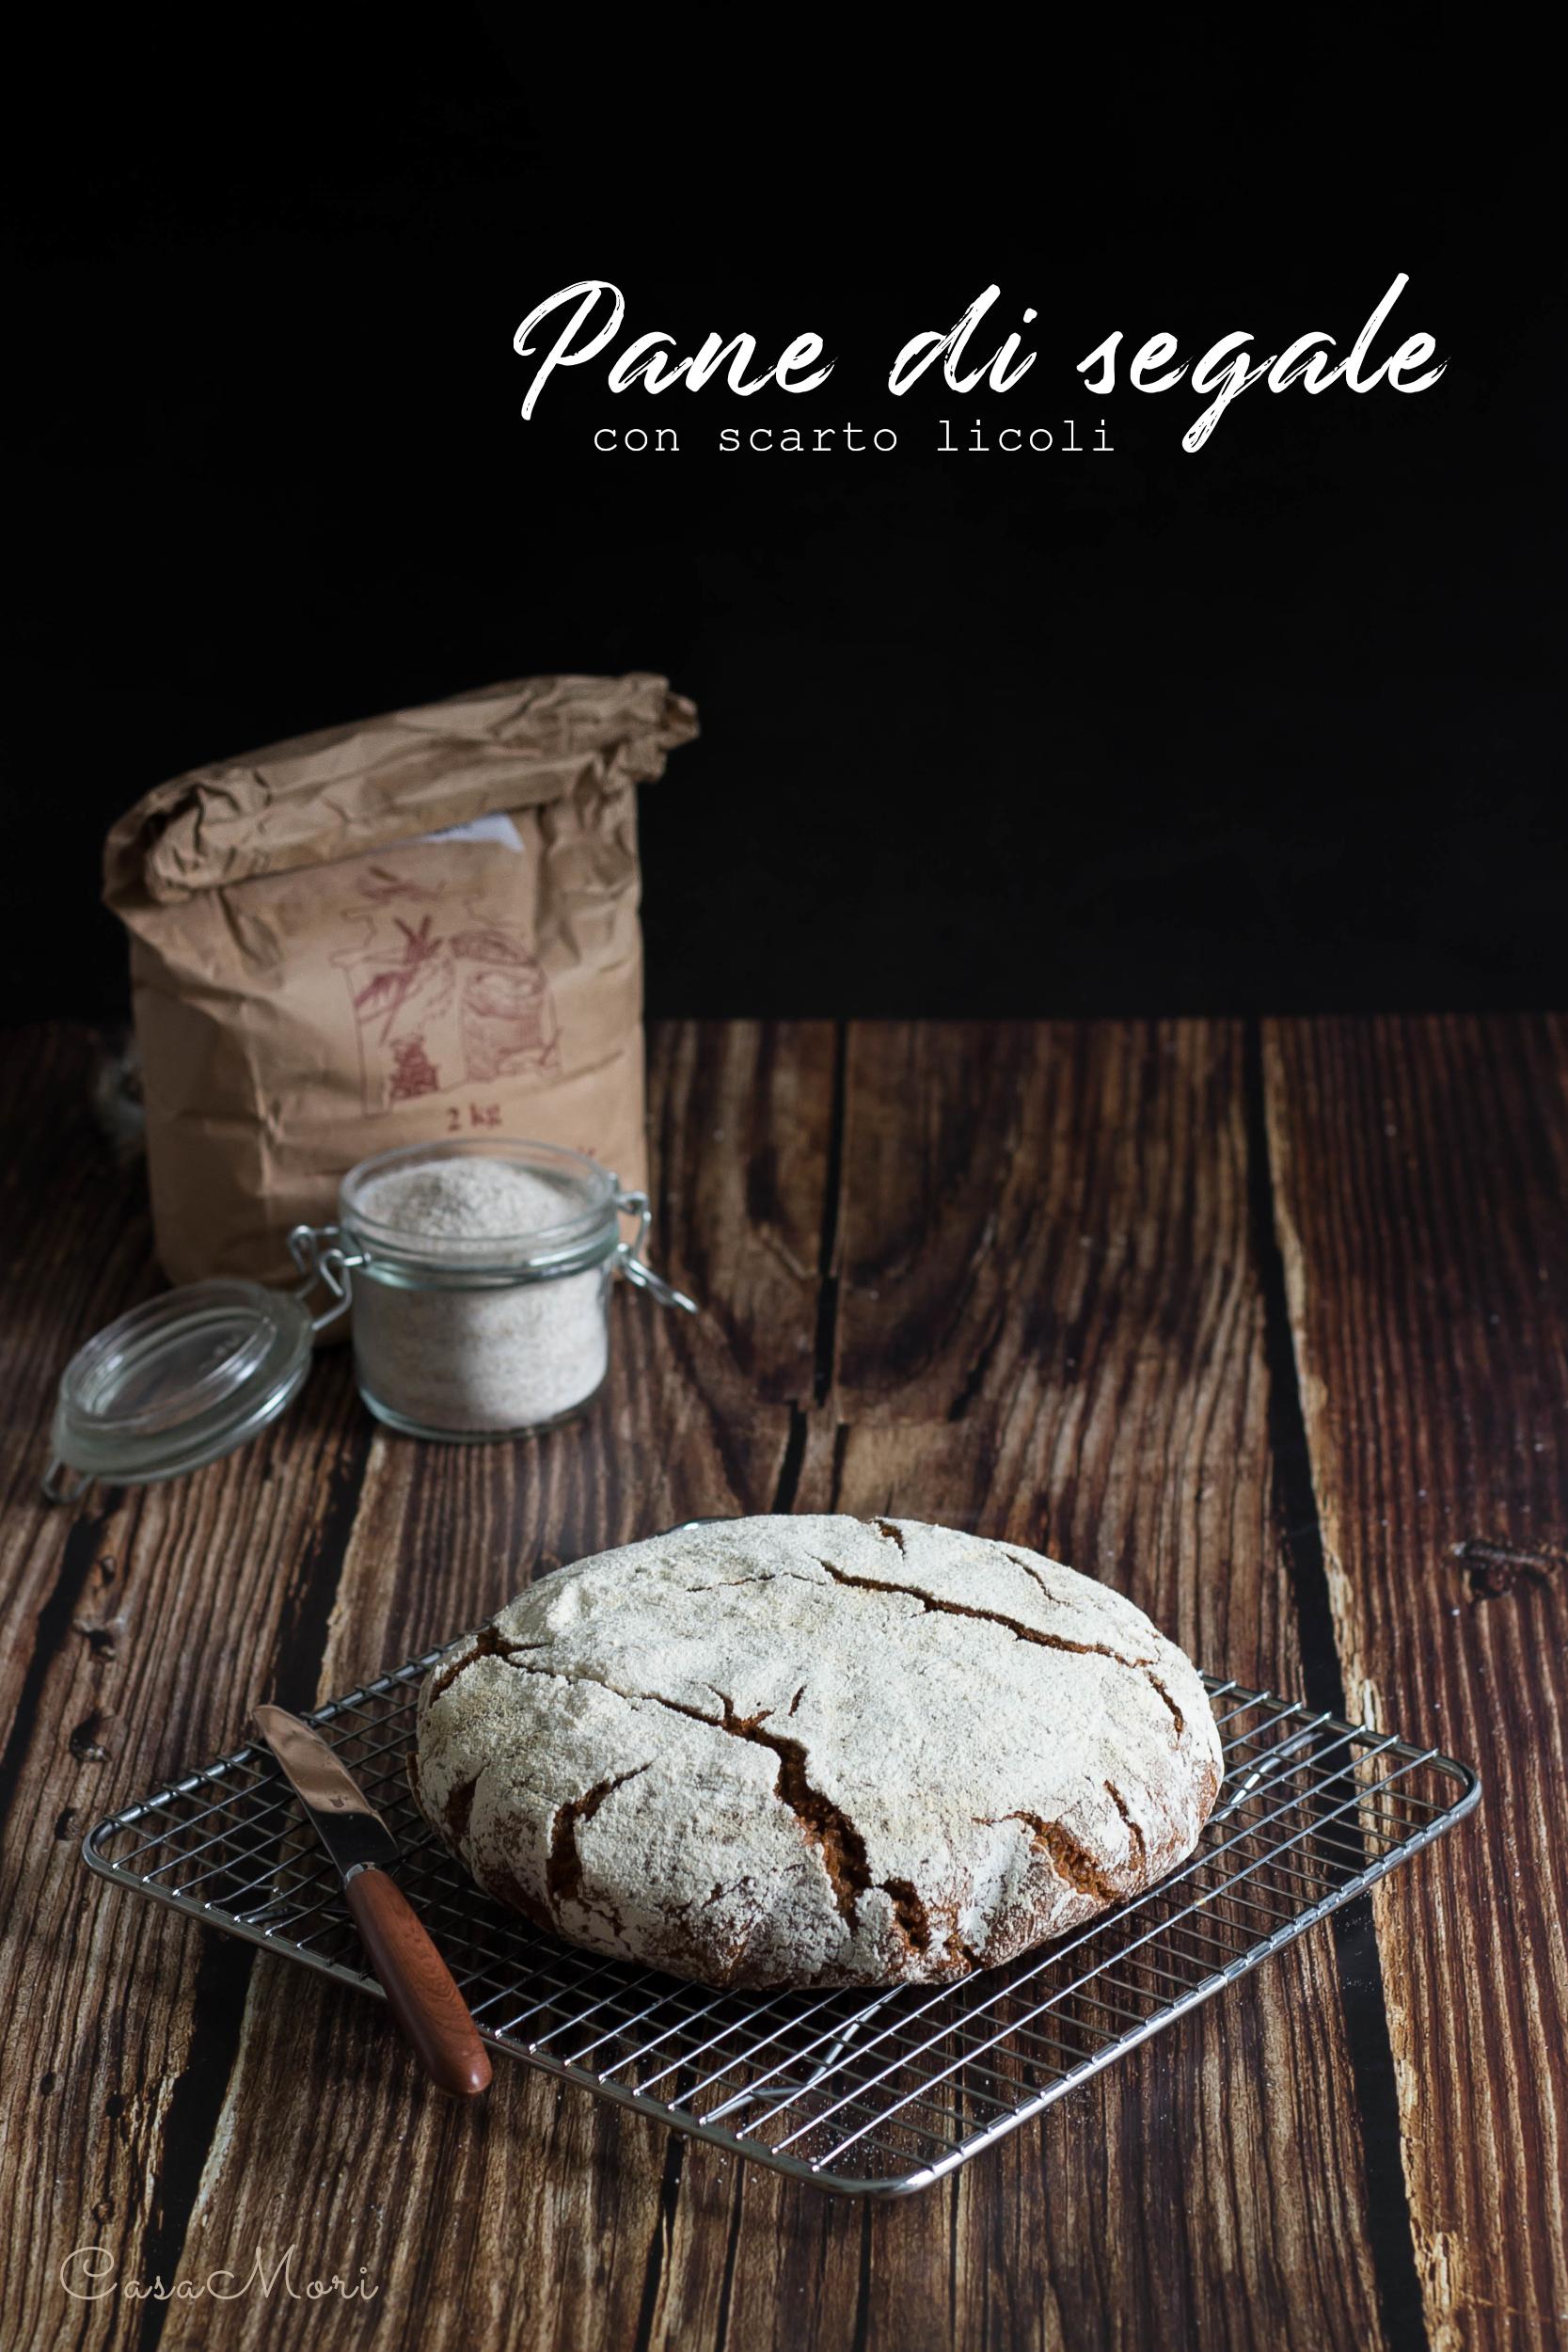 Pane di segale con scarto licoli